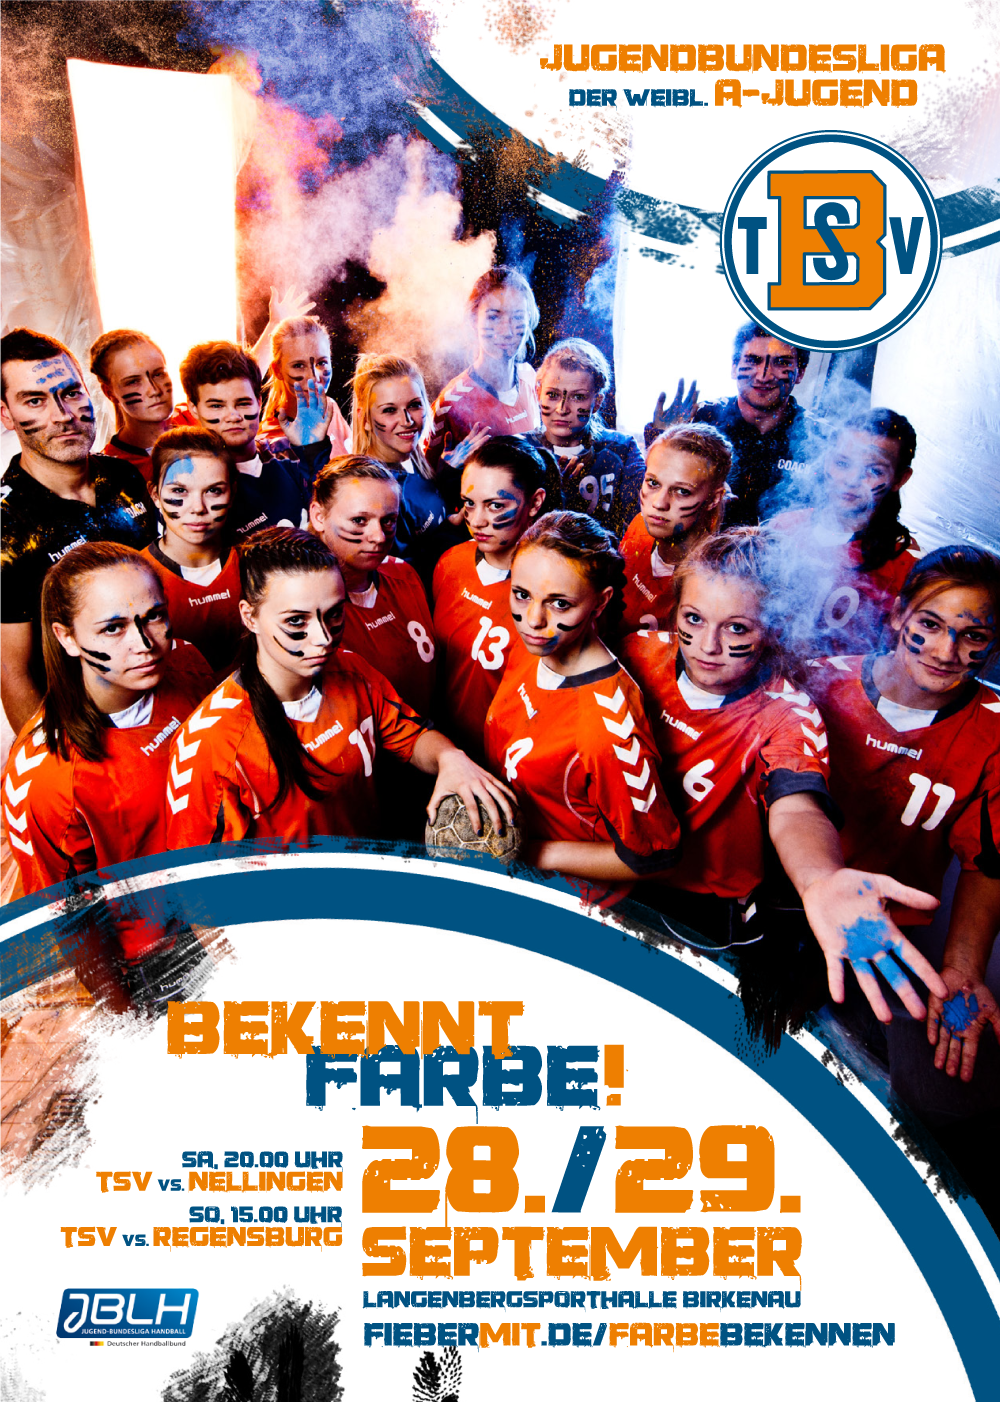 TSV_JBL-A-Jugend